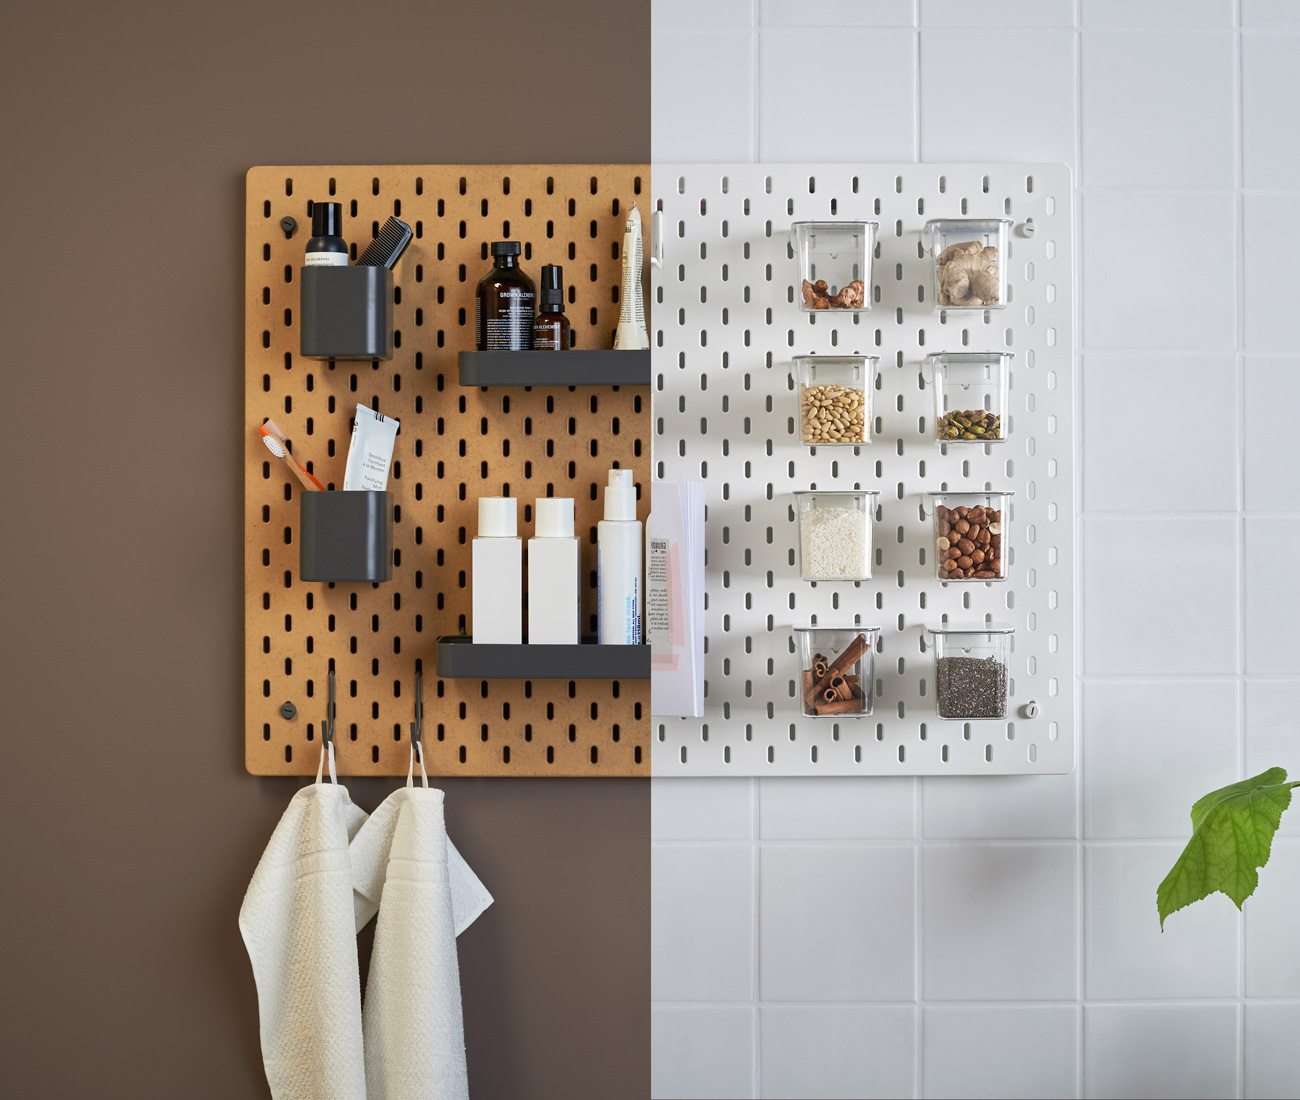 Ikea Kitchen Brushes